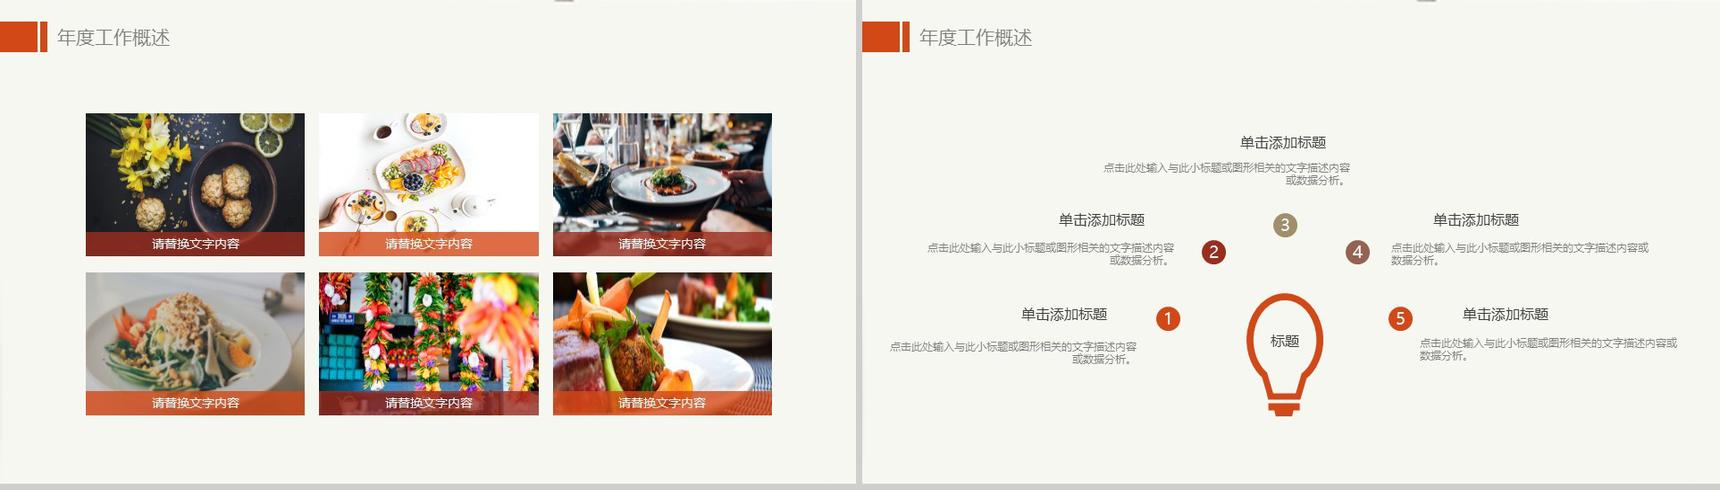 精美大气舌尖上的美食文化宣传推广PPT模板